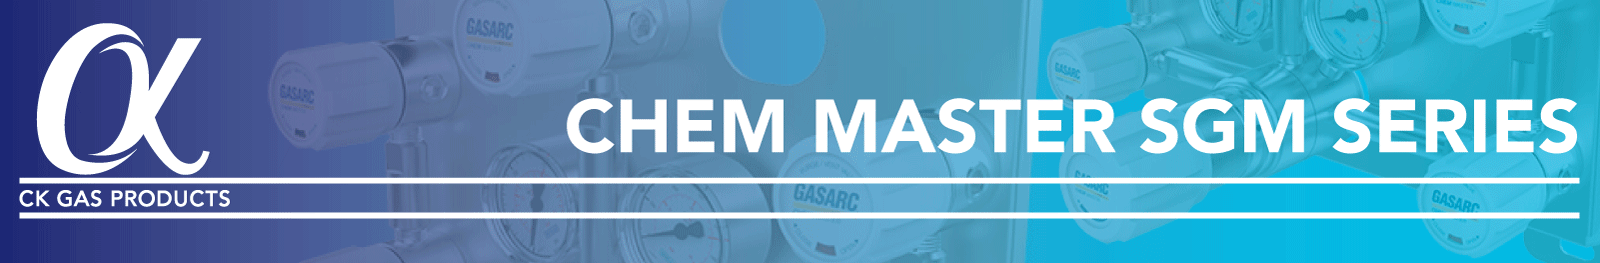 GASARC_BANNER-CHEM-SGM